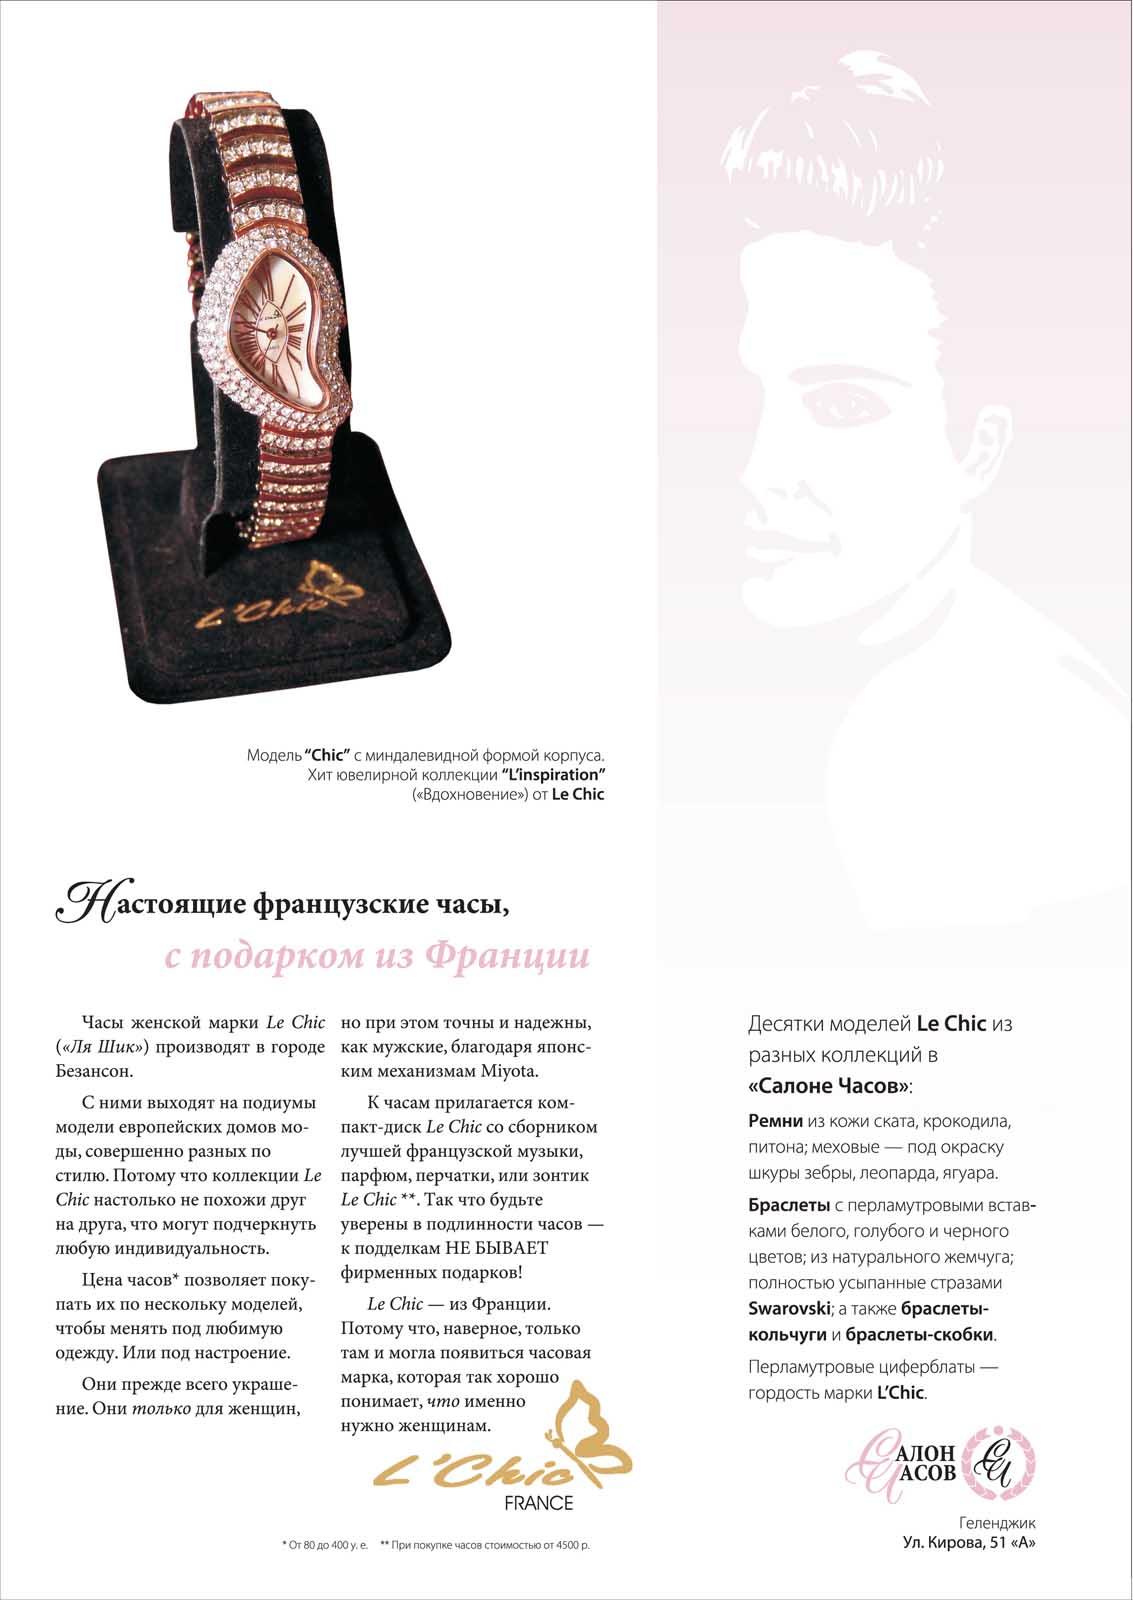 Печатная реклама, Денис Богомолов, салон часов, женские часы Chik